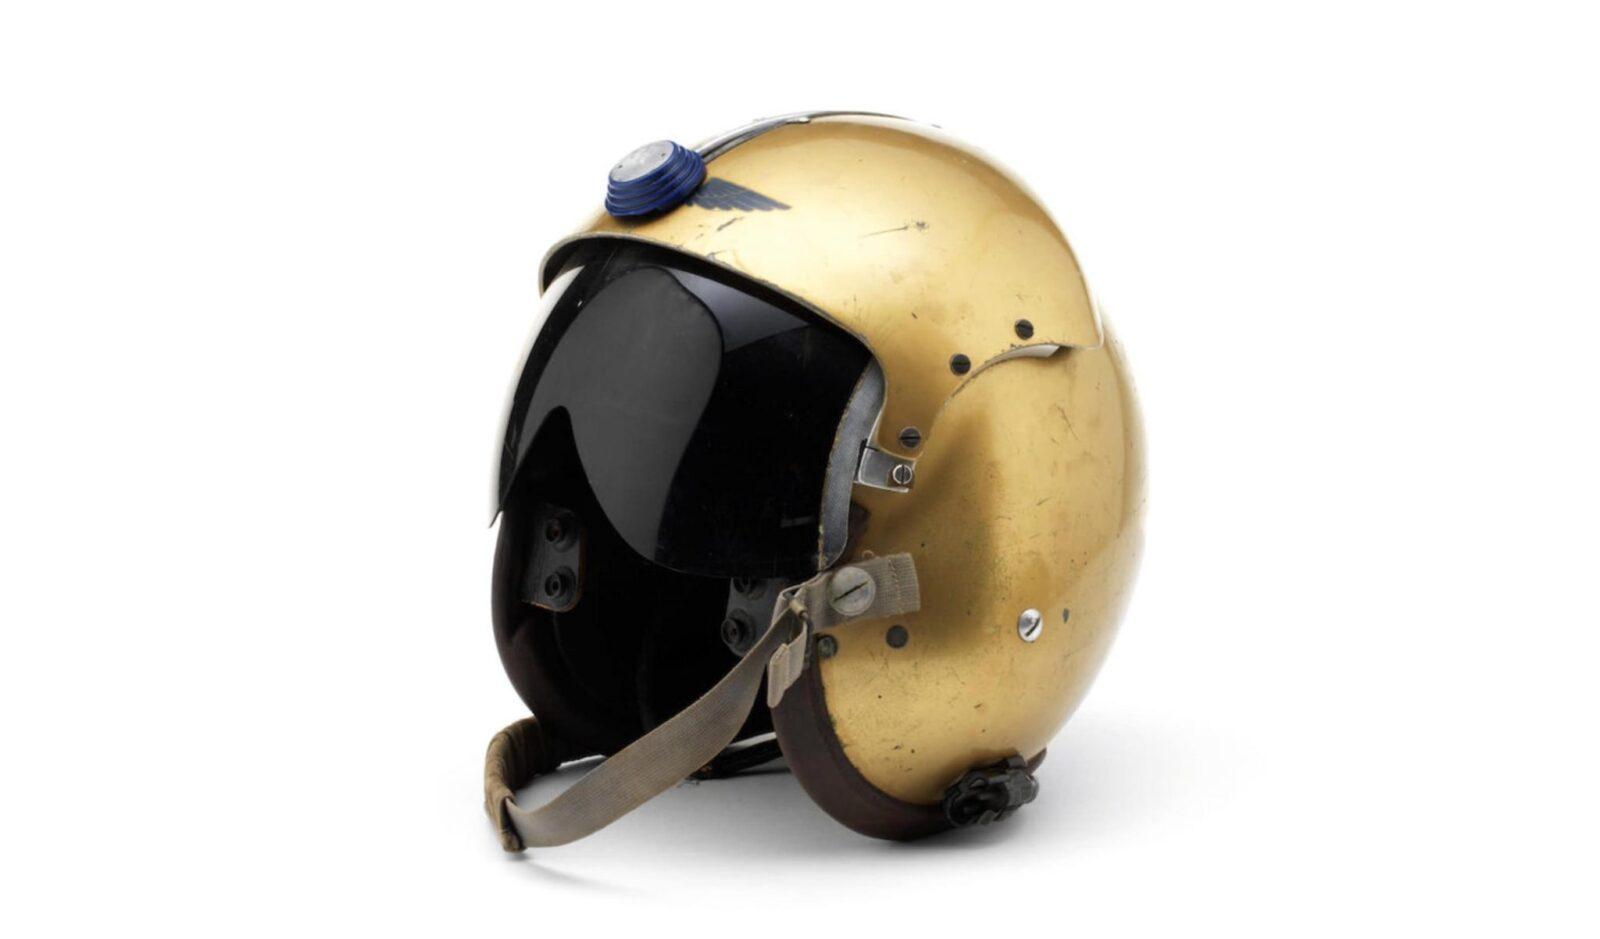 Donald Campbells Bluebird Helmet 1600x939 - Donald Campbell's Bluebird Helmet